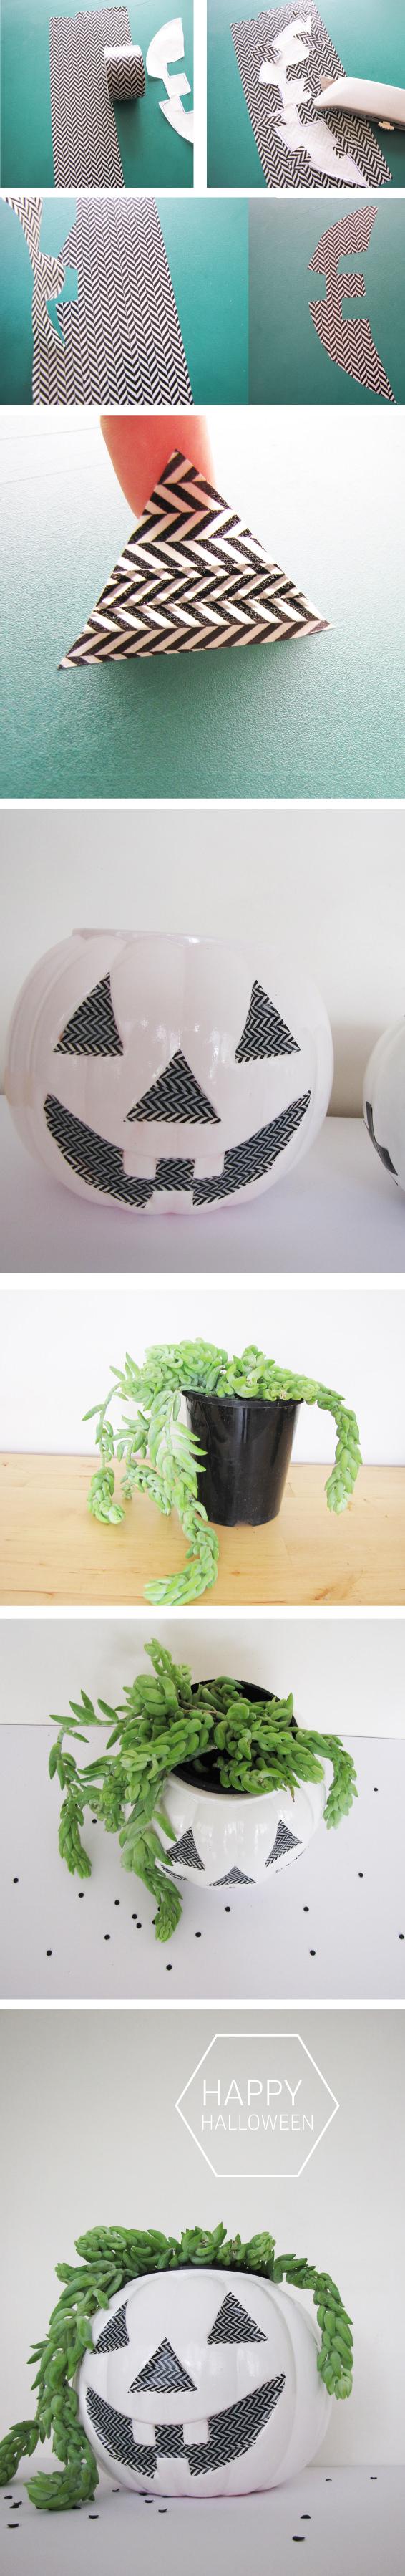 TOMFO-plant-pumpkin